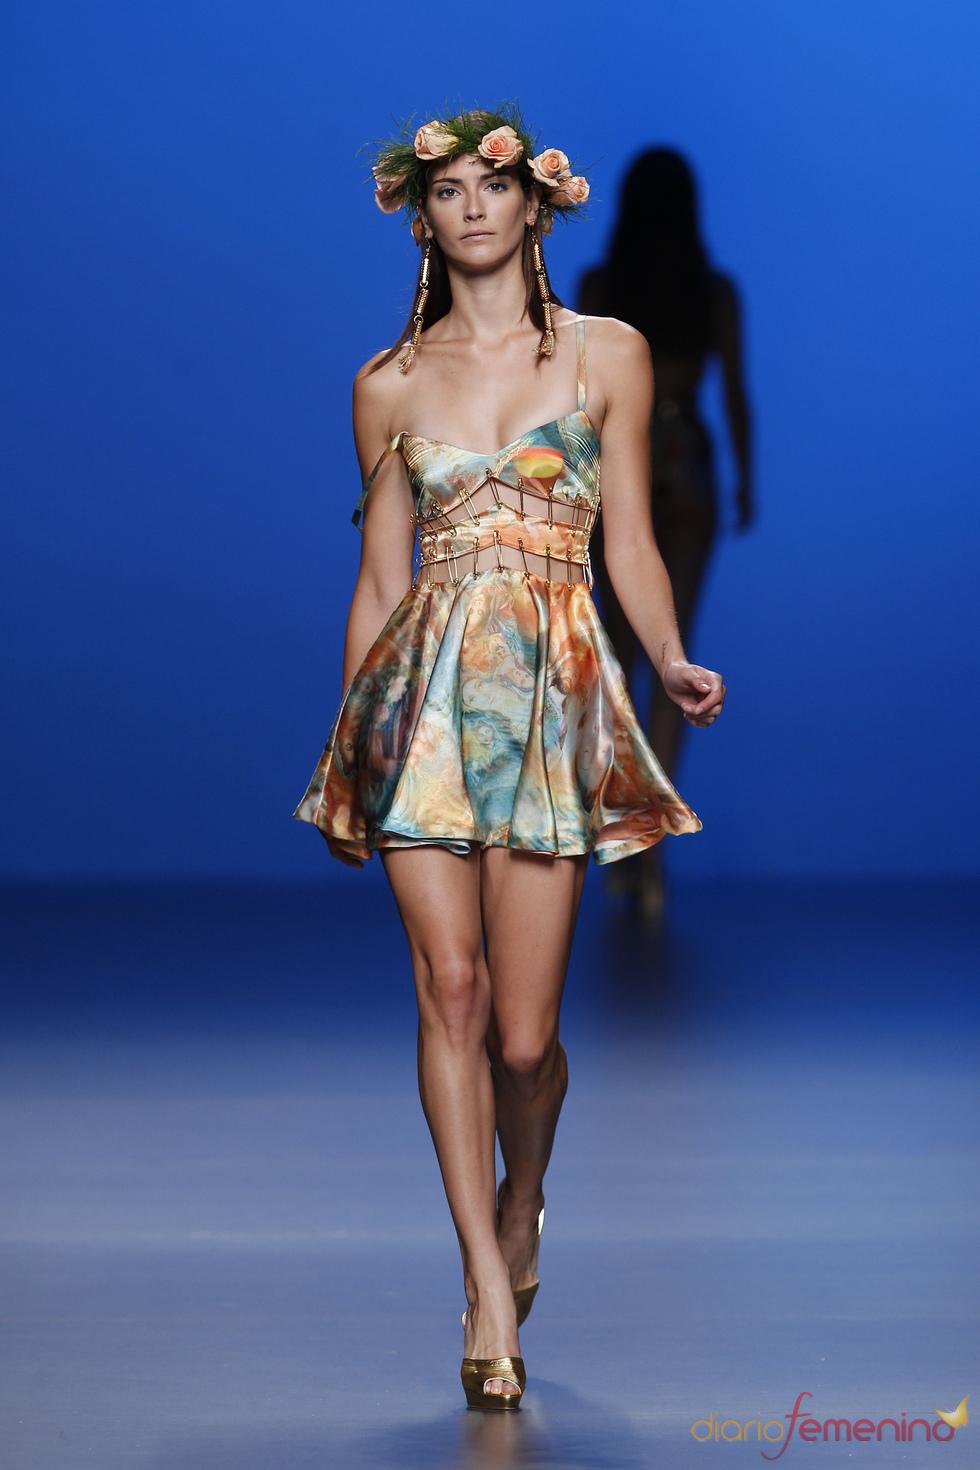 Maxi imperdibles dan forma al vestido de María Escoté en la pasarela Cibeles